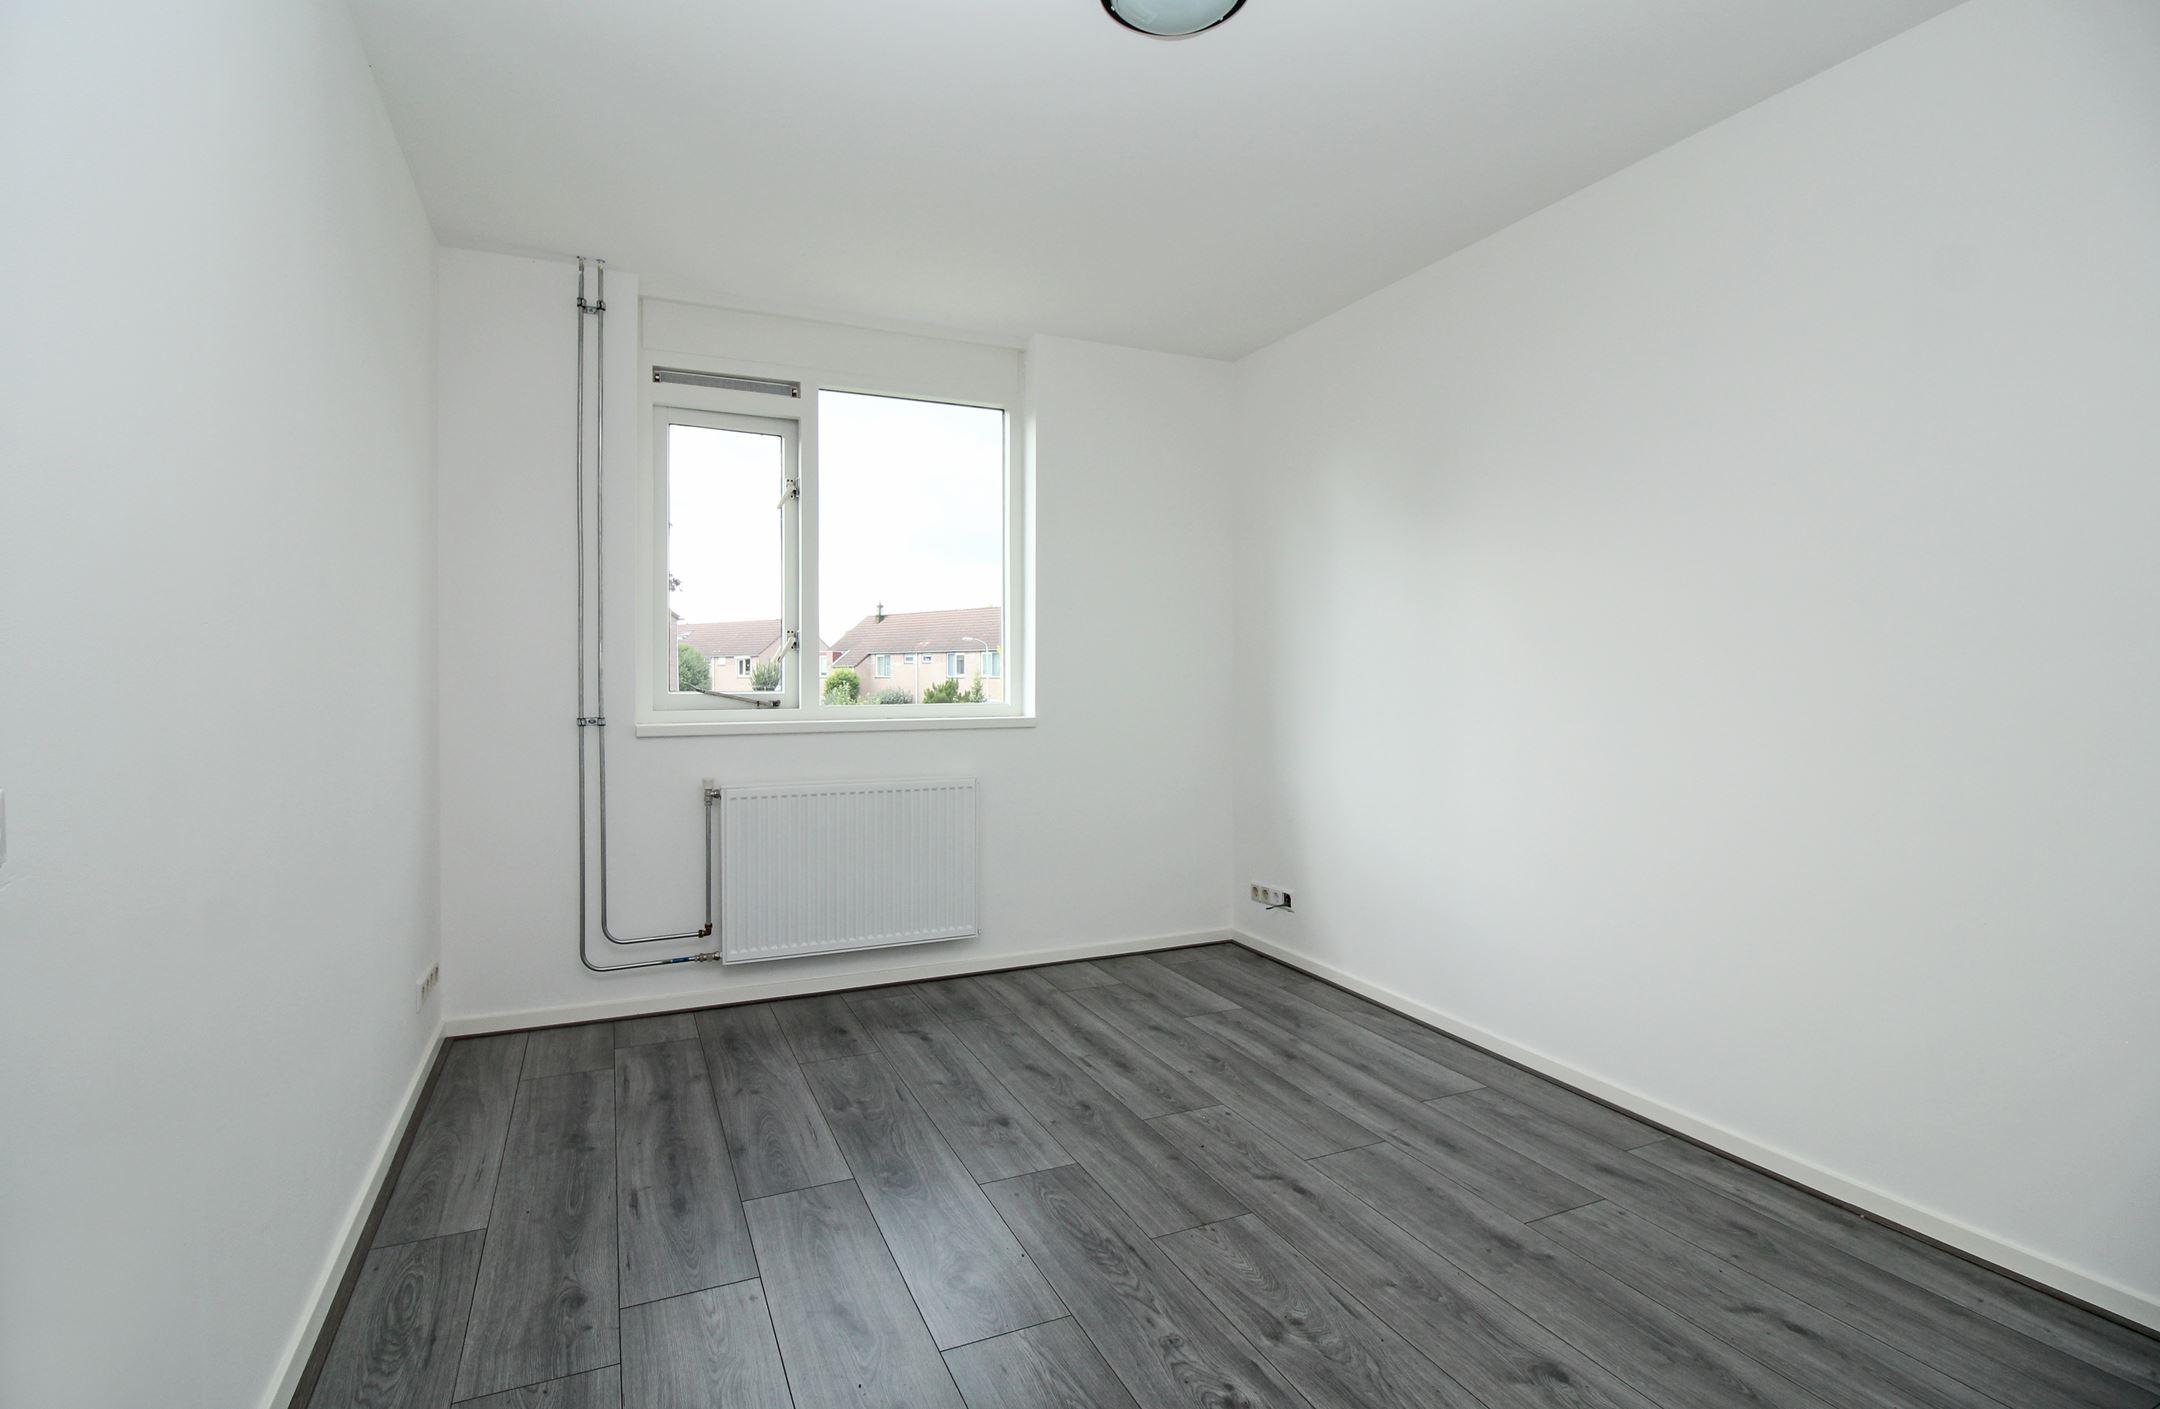 huis te koop notarisappel 31 4191 dx geldermalsen funda